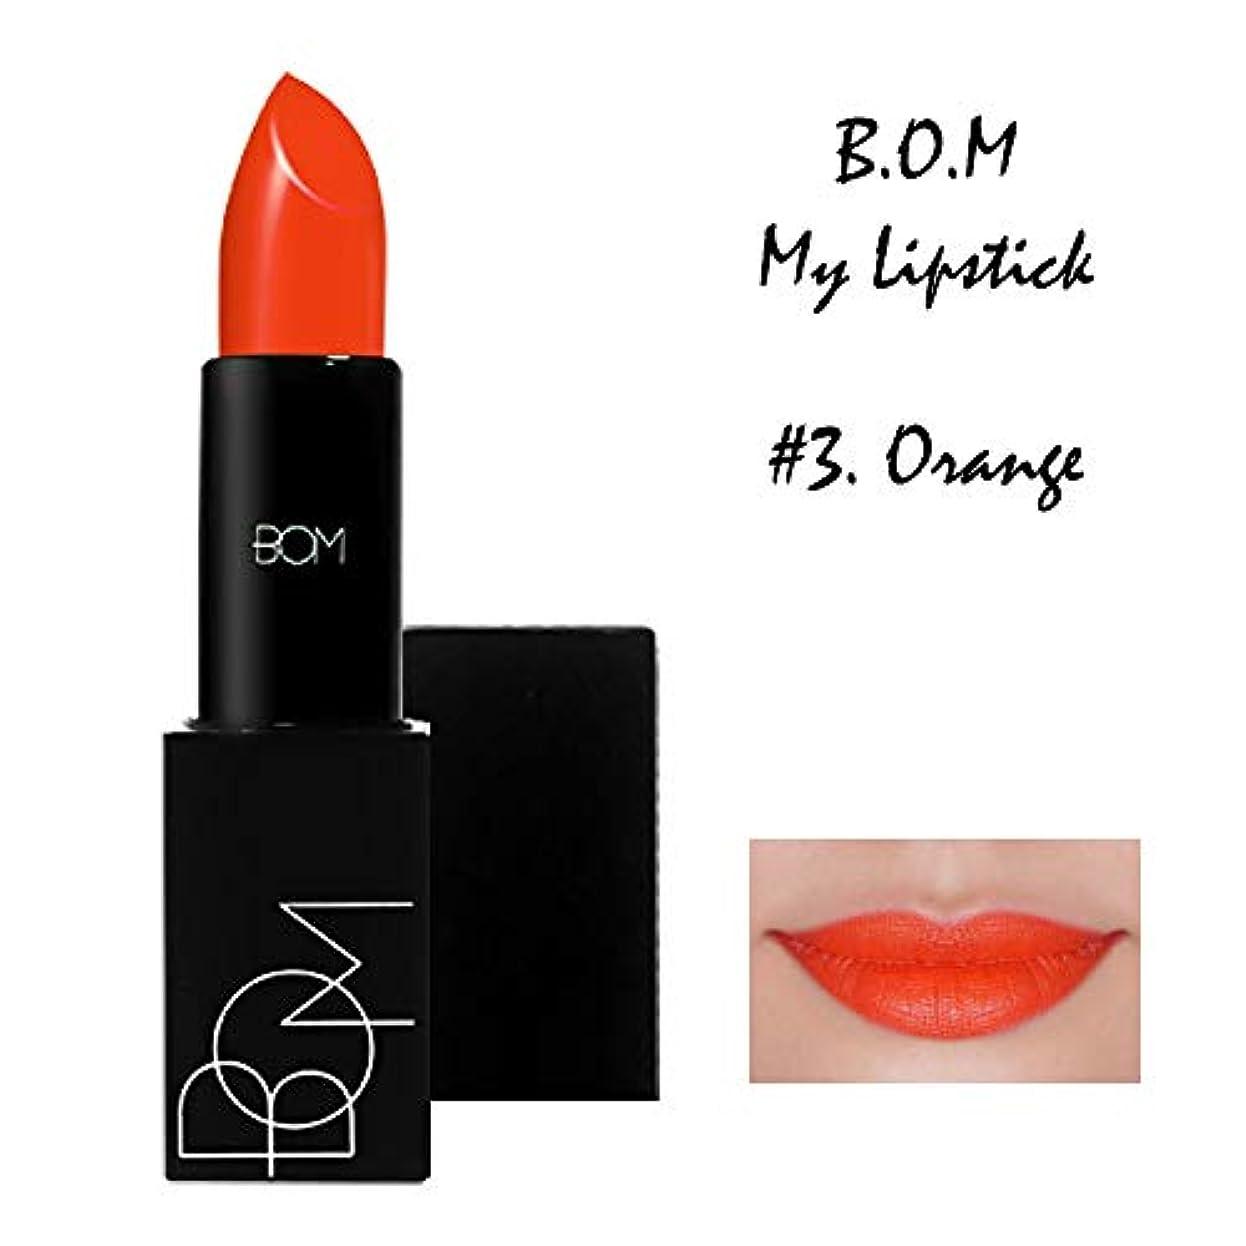 社交的テレビエクステントbom 韓国化粧品6色磁気ケース付きマットリップスティック #803。オレンジ